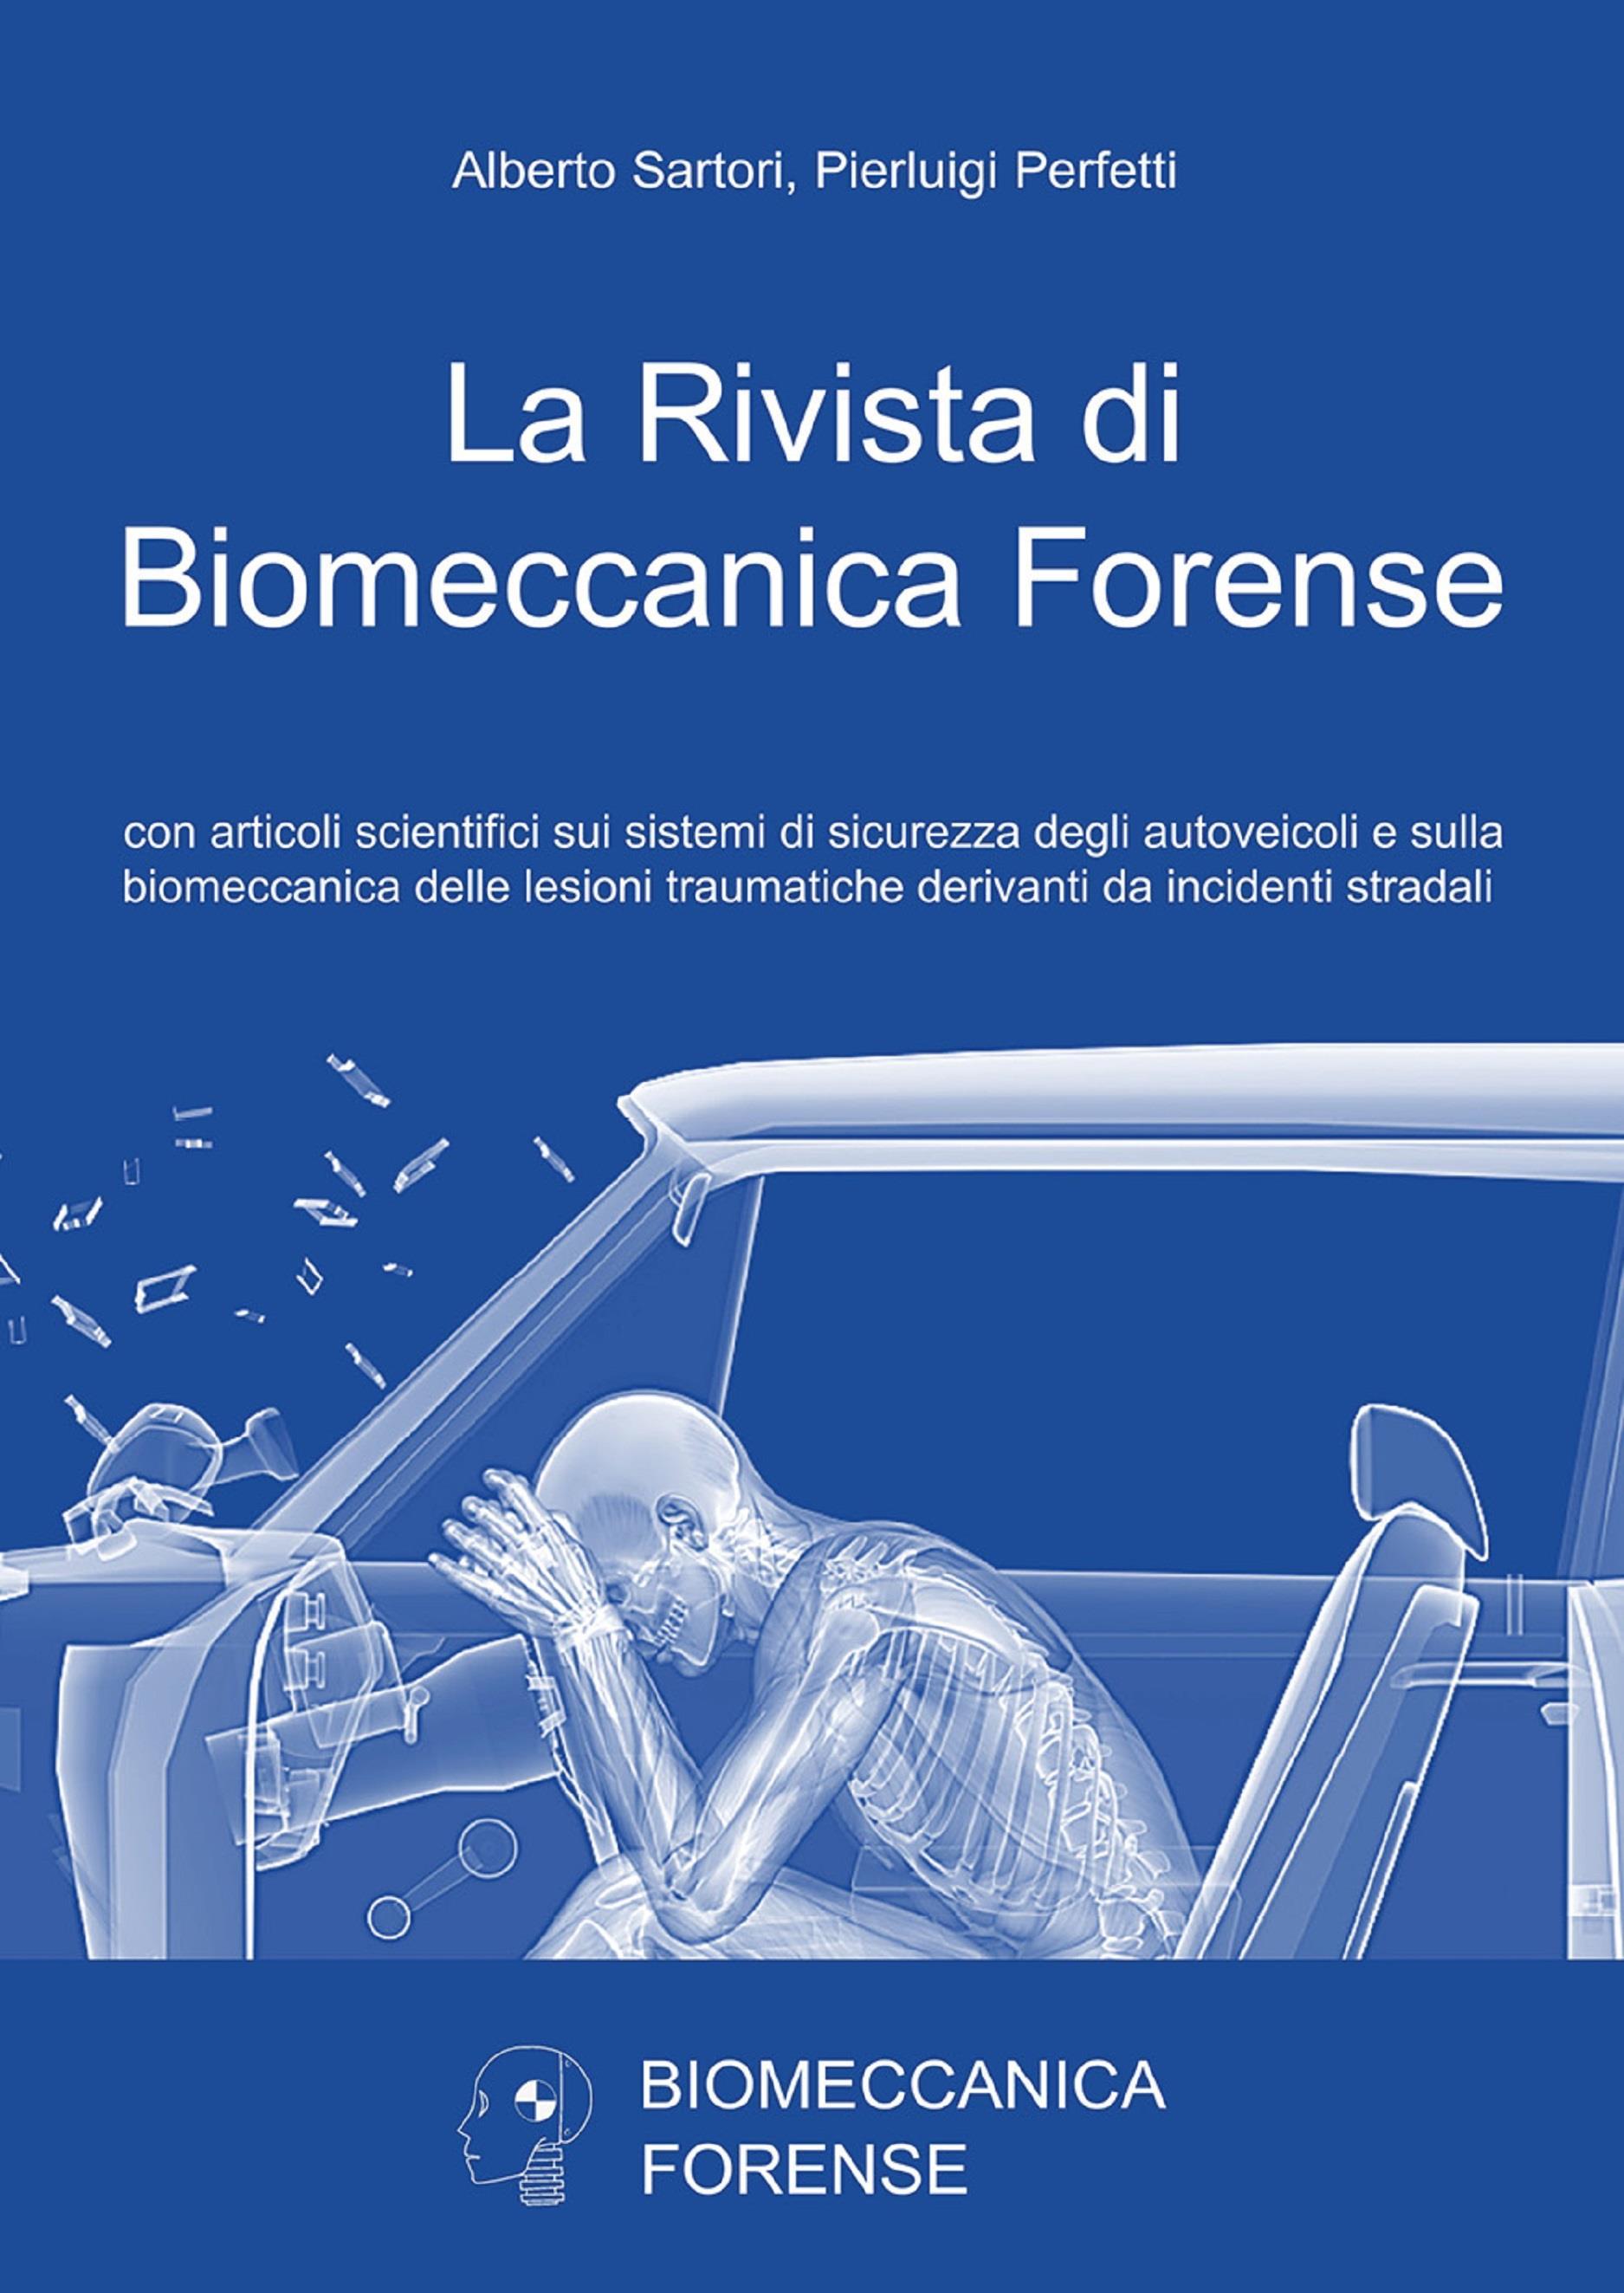 La Rivista di Biomeccanica Forense